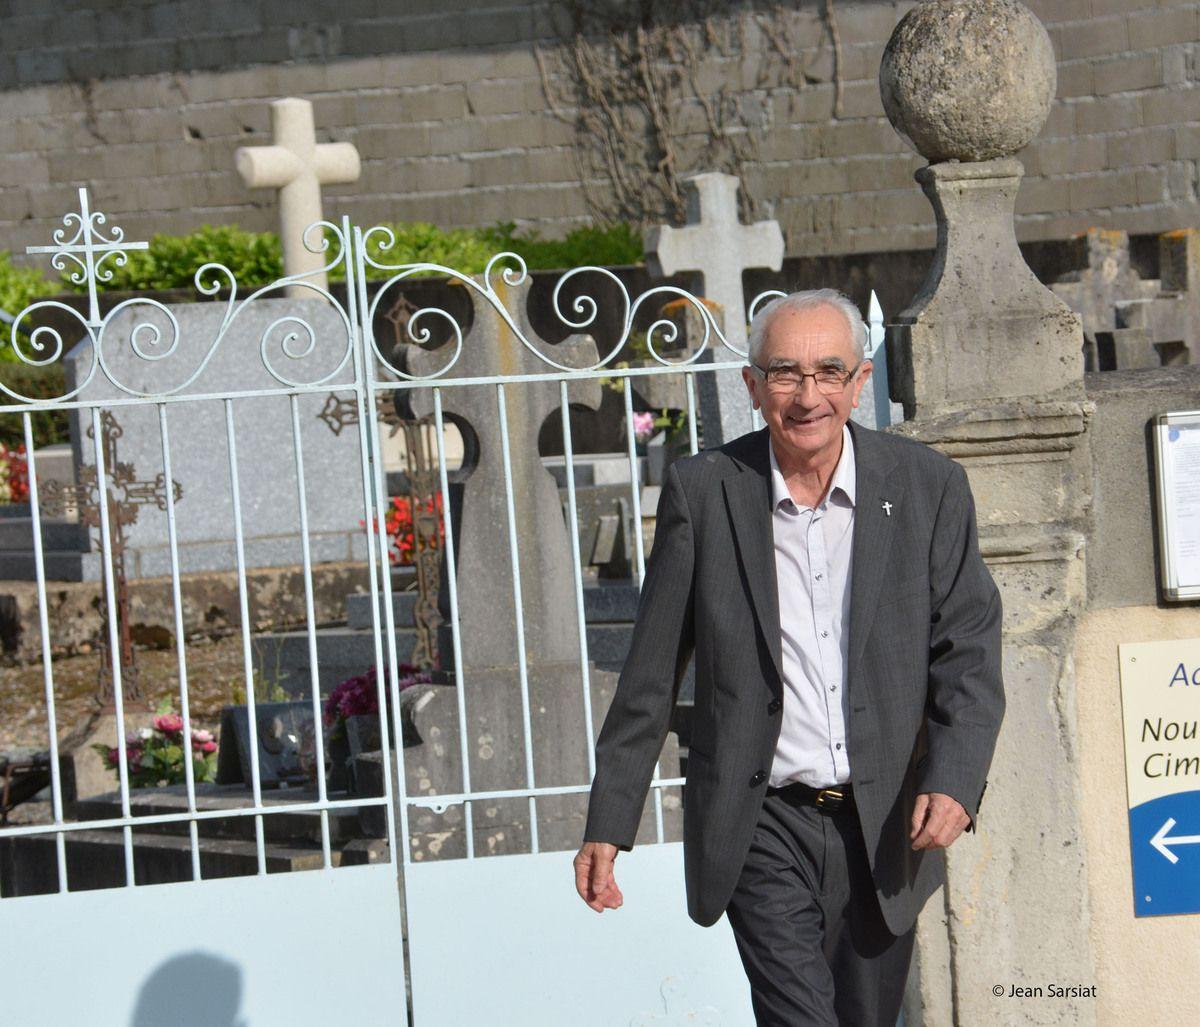 NAVARRENX : JEAN CASANAVE ET MARC BELIT , TETES D'AFFICHE DU SALON DU LIVRE DANS LE CADRE DE LA FOIRE AGRICOLE DU MATERIEL D'OCCASION